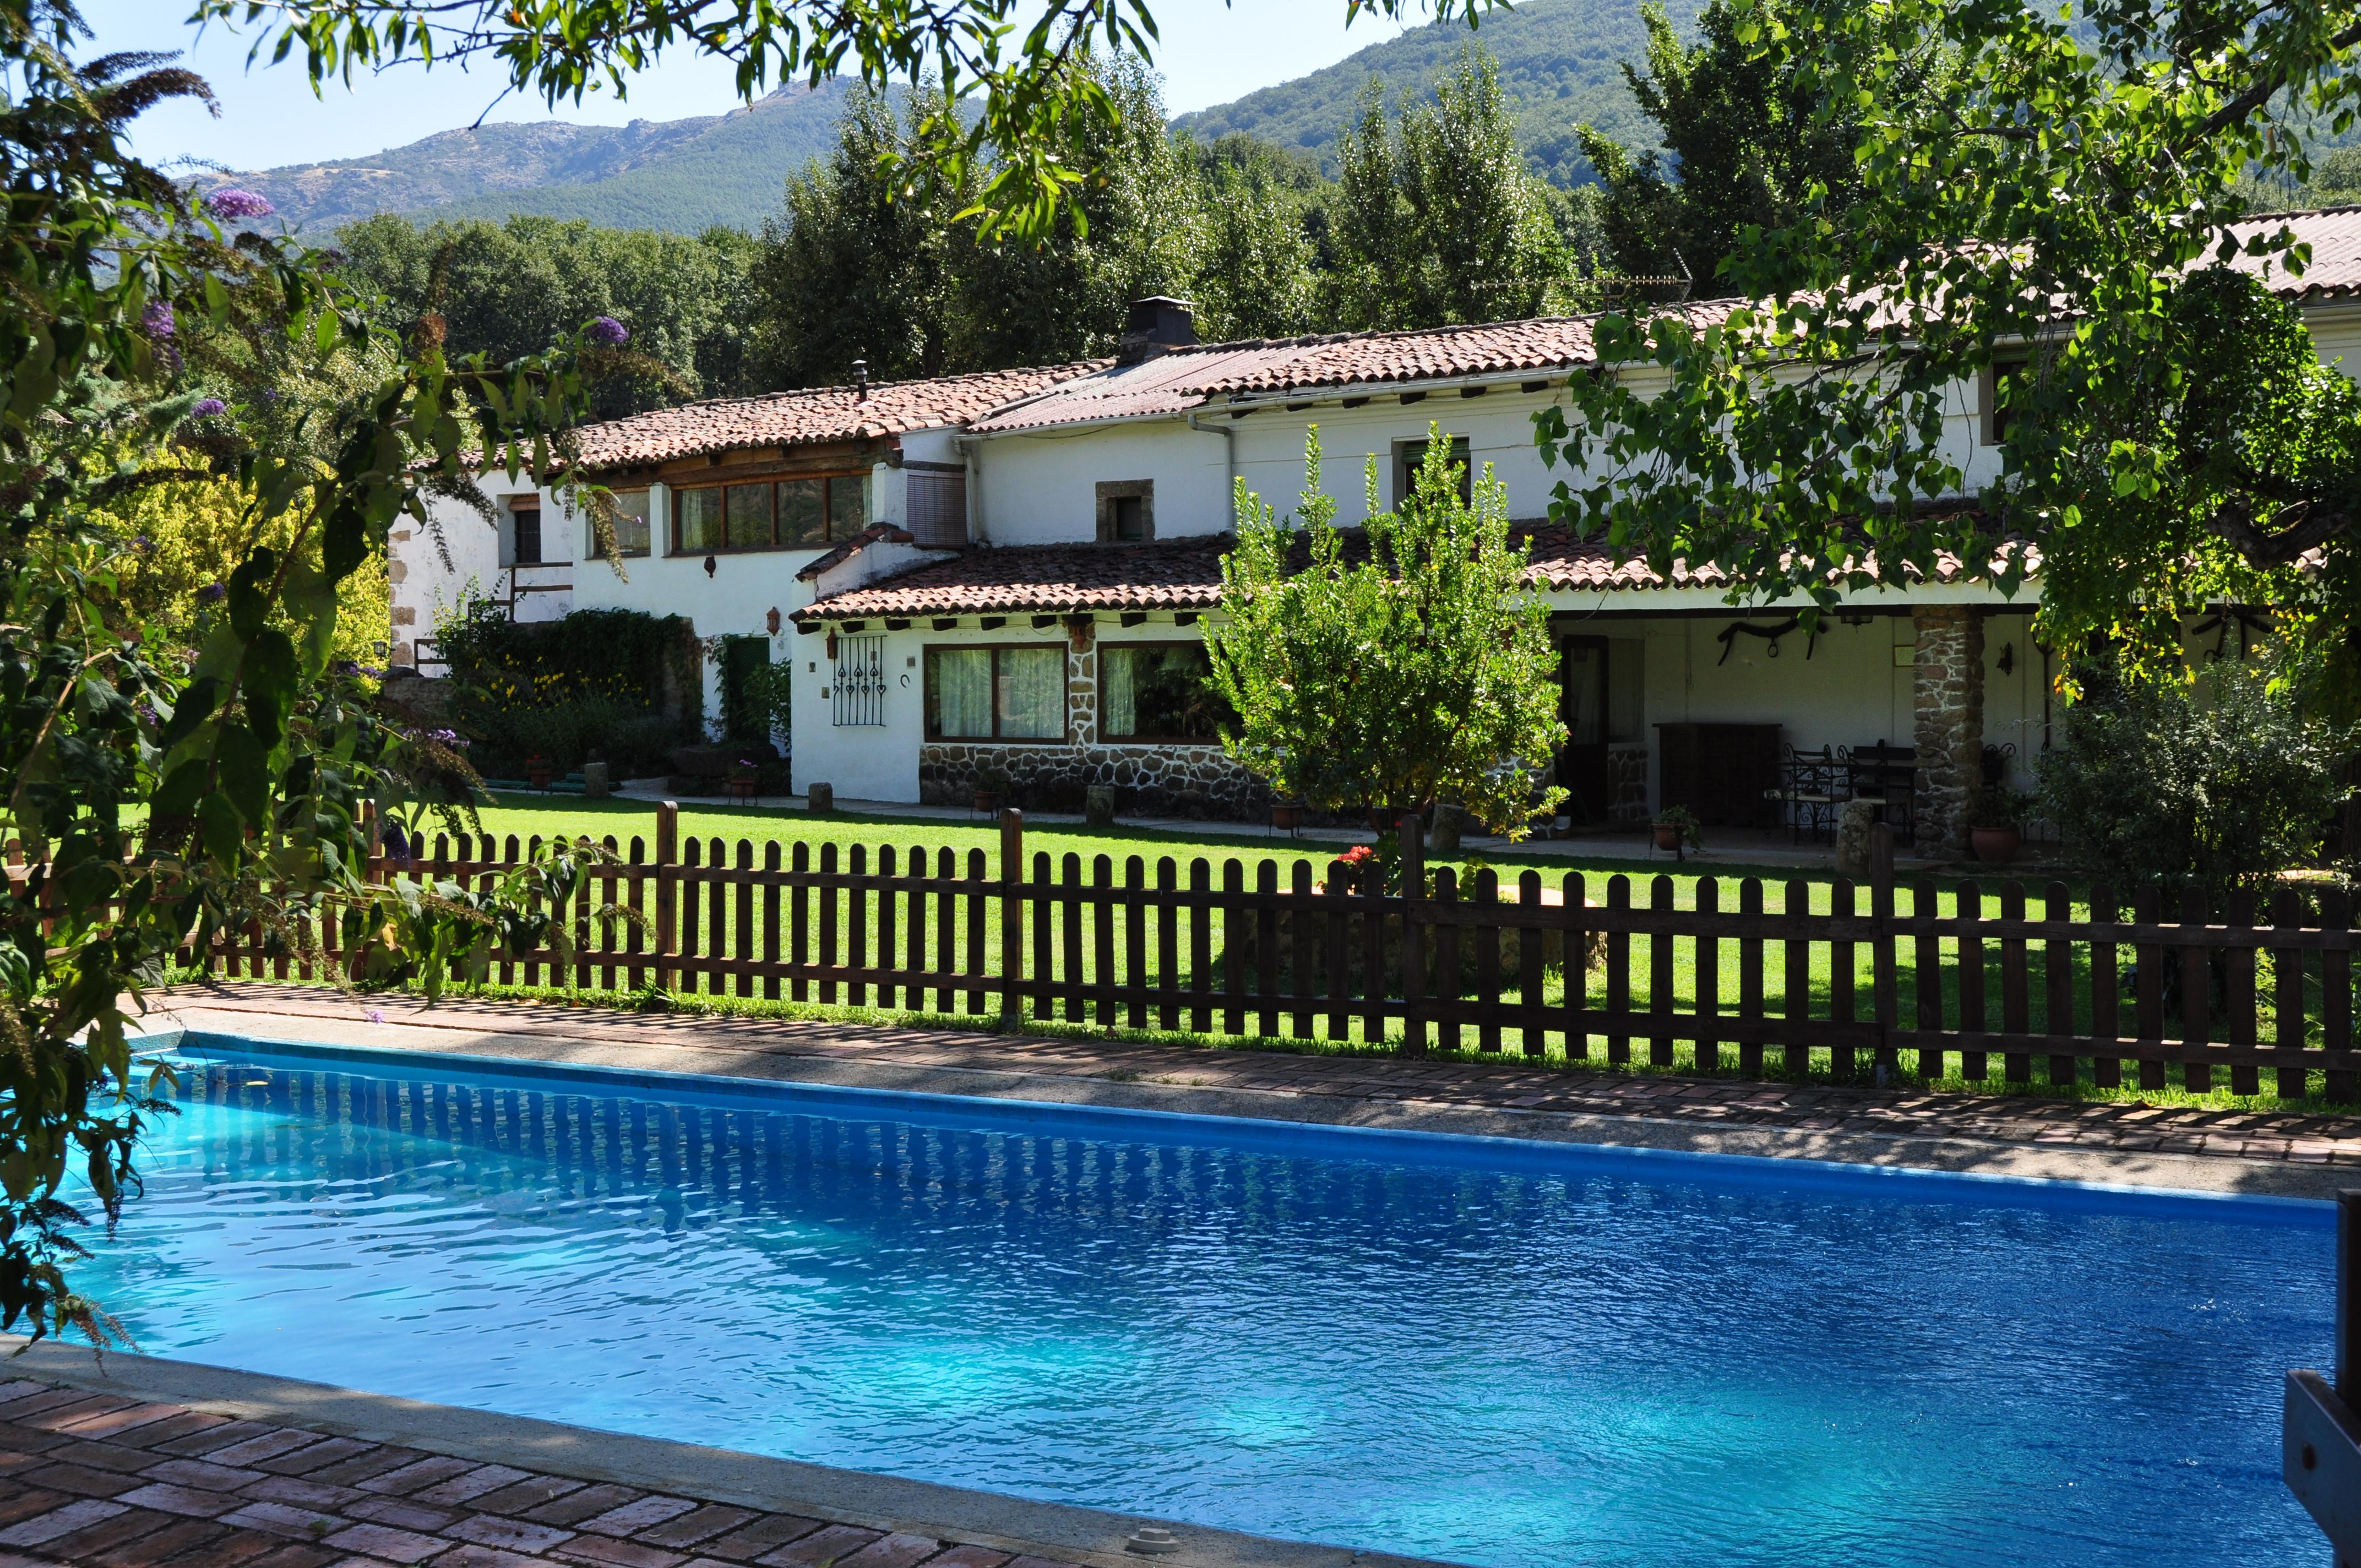 Planta baja - Casas rurales en el jerte con piscina ...